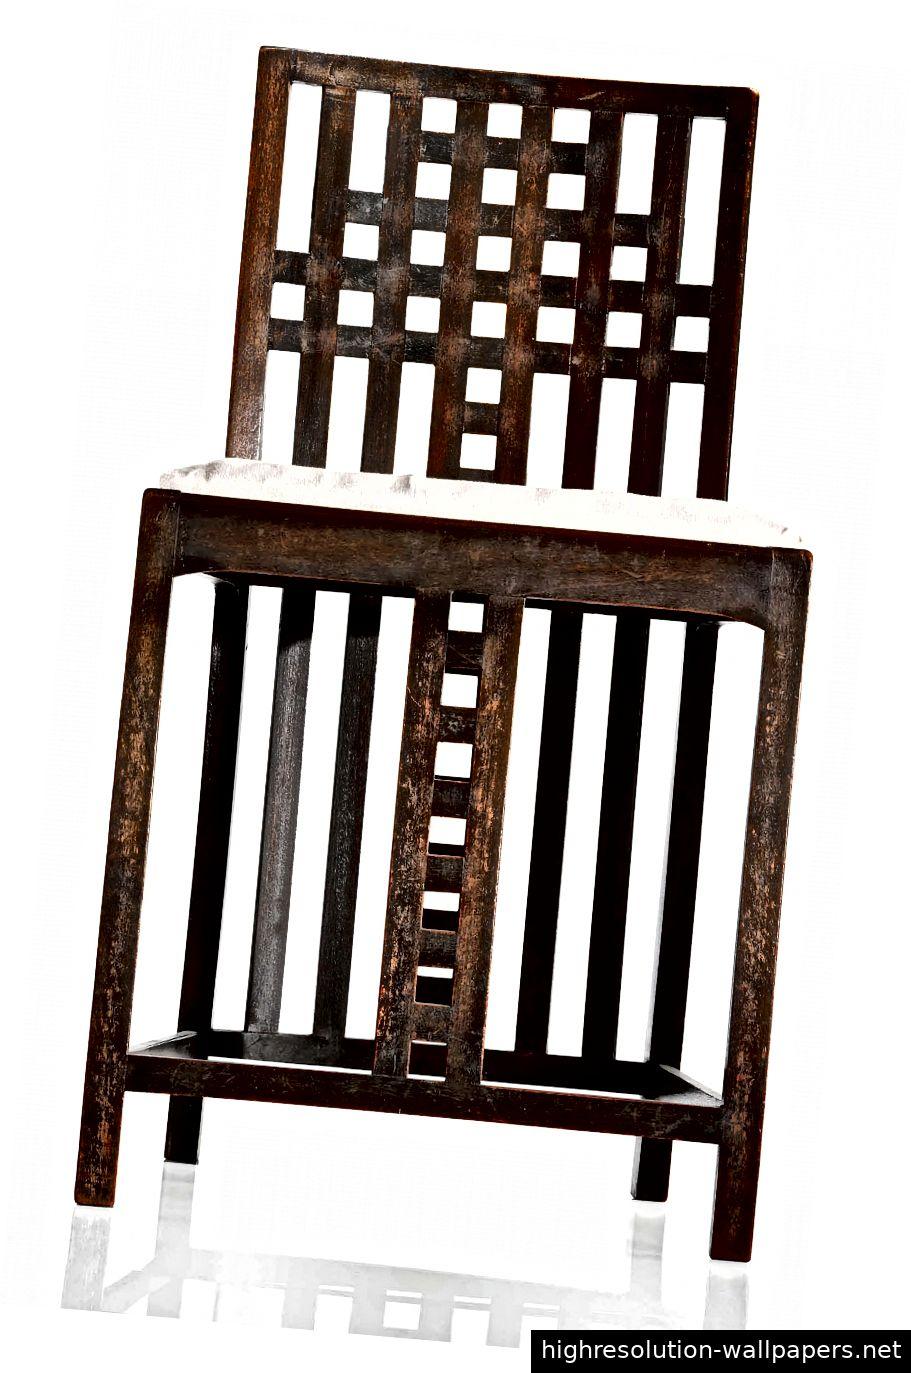 Dieser Stuhl ist einer von nur zwei dieser Gitterarbeit, die Mackintosh für Miss Cranston im Rahmen der Renovierung von Hous'hill in Nitshill, Glasgow, 1904 entworfen hatte.